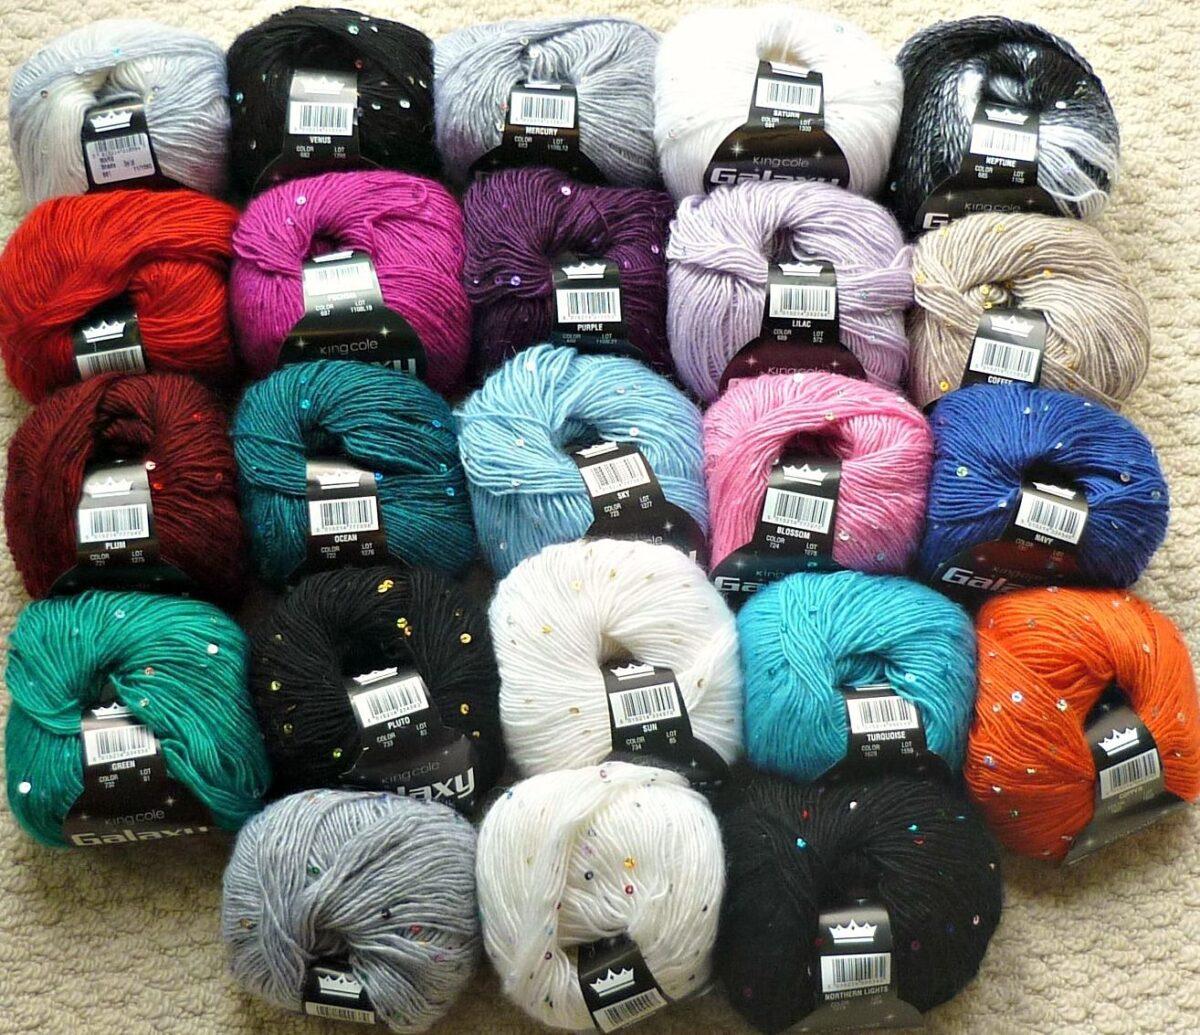 Kingcole Galaxy sequin wool